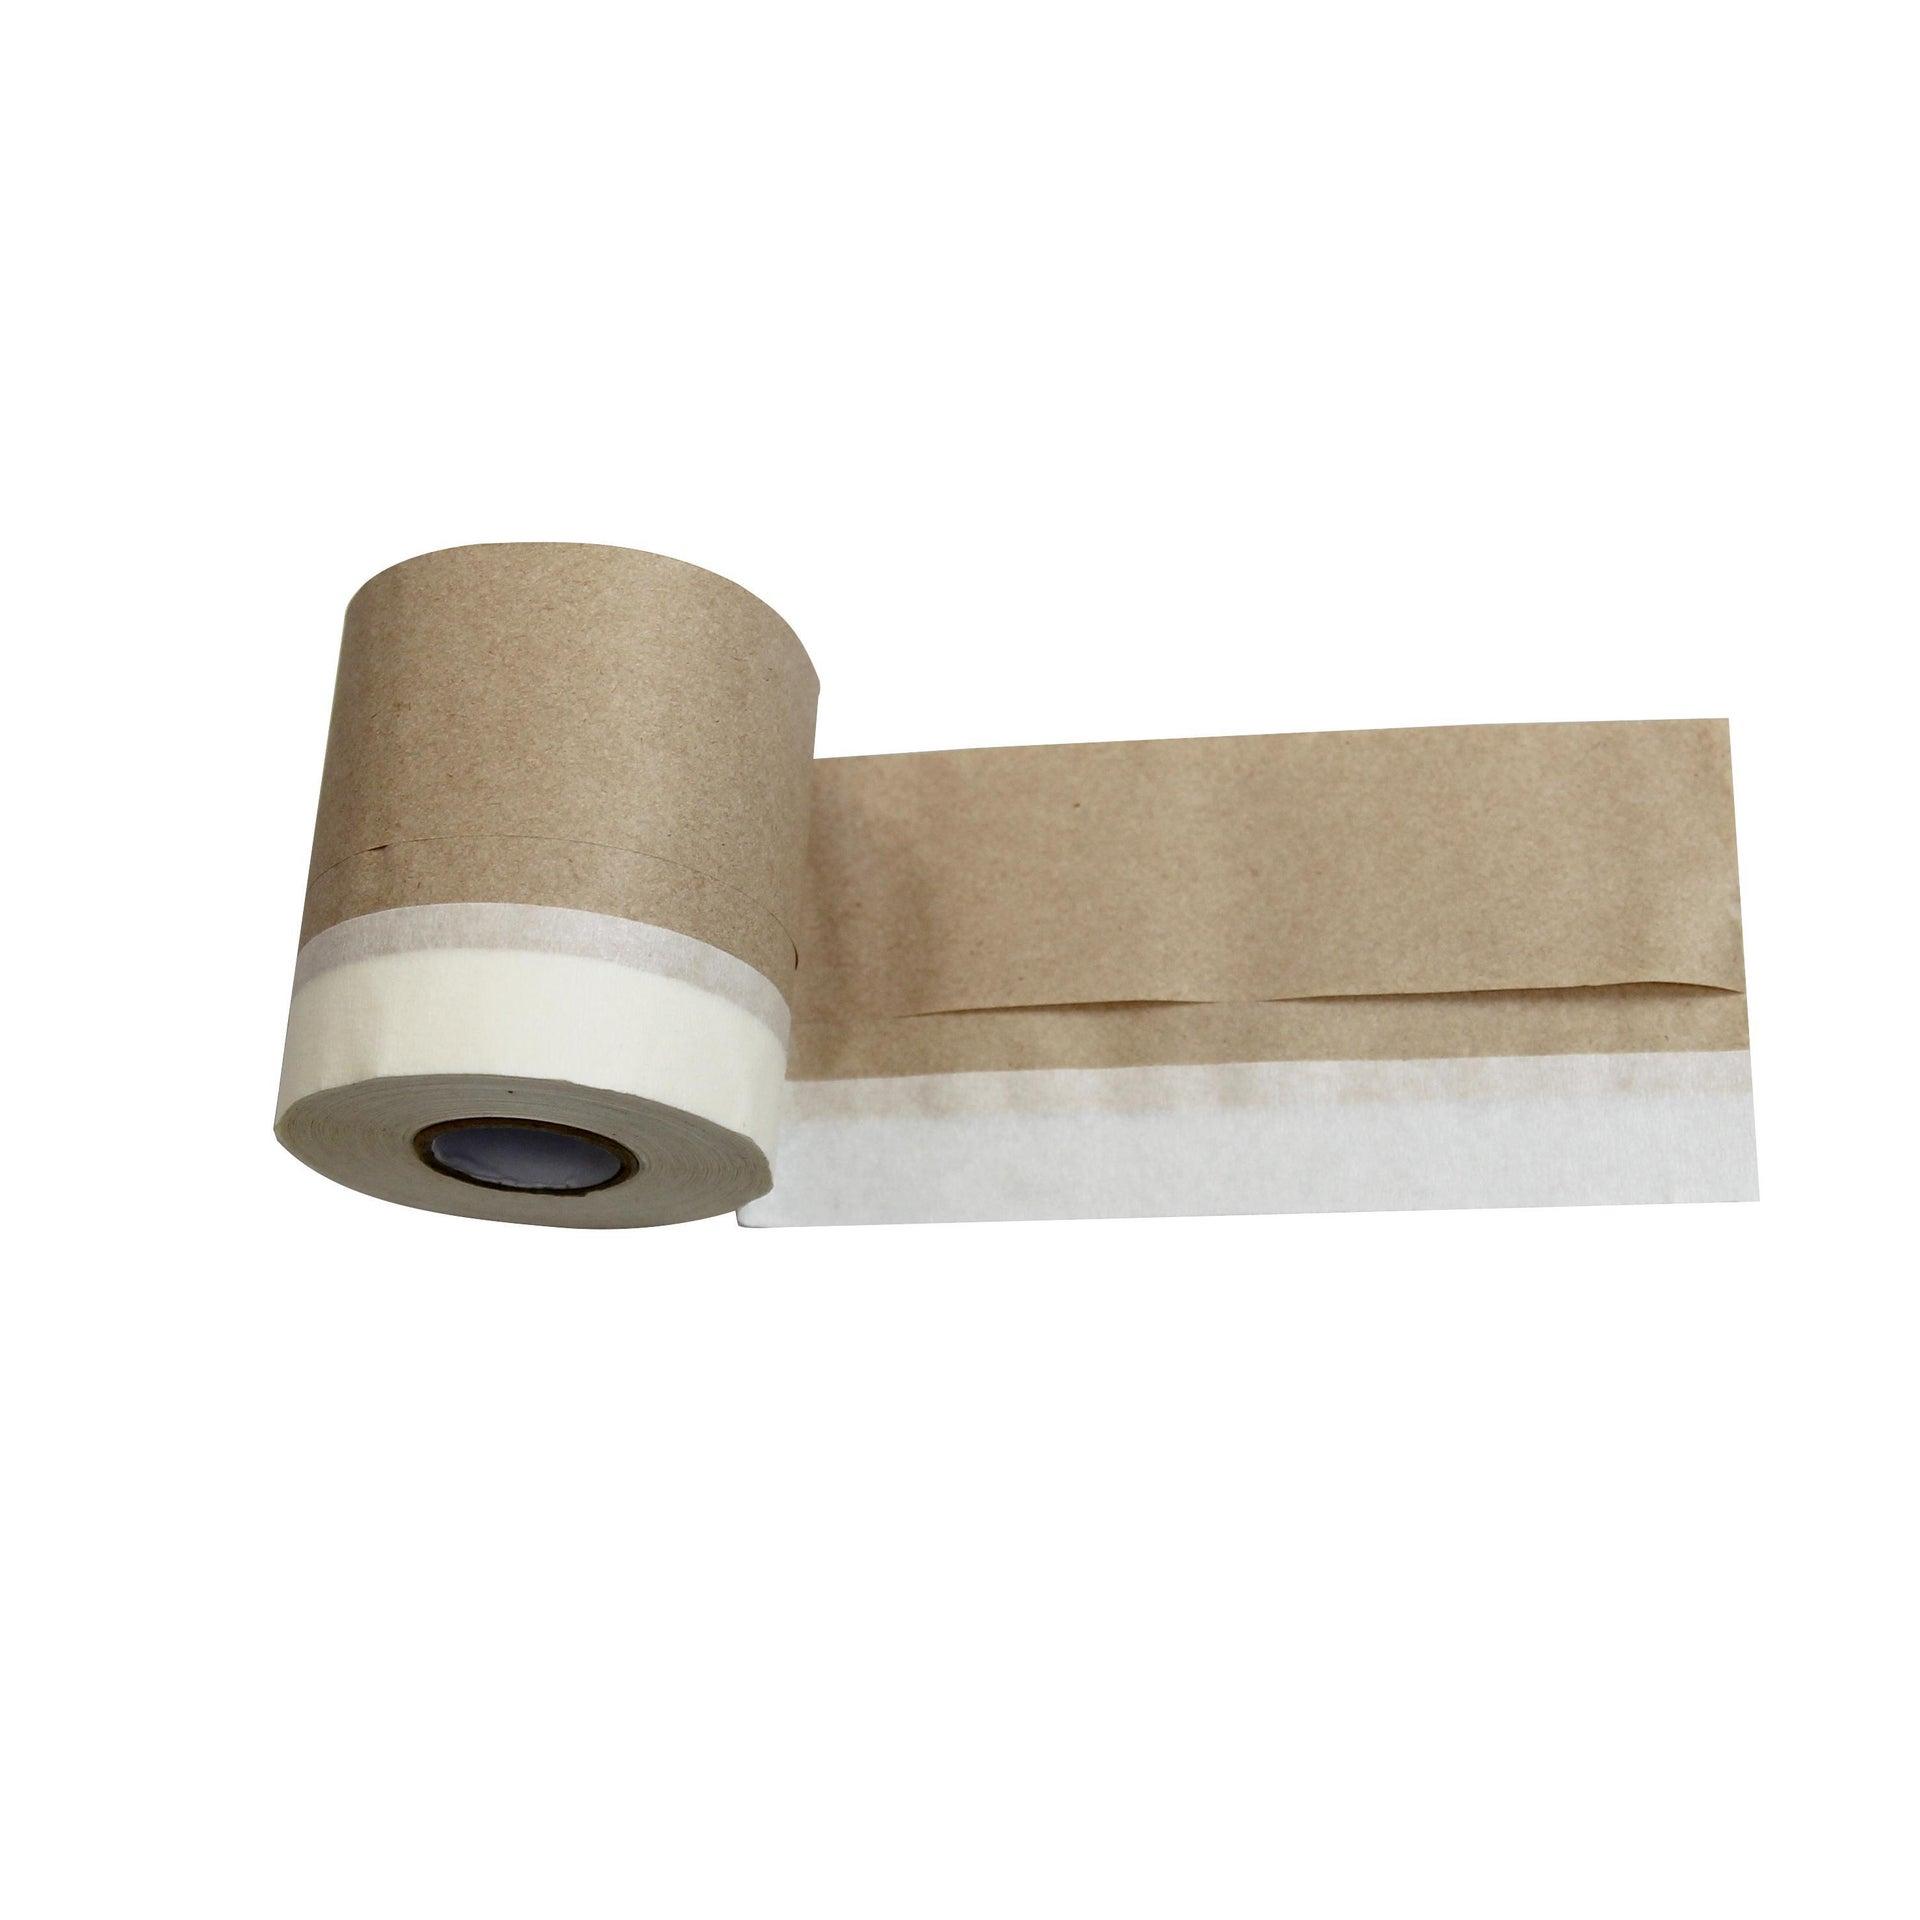 Carta per protezione vernice DEXTER 20 X 0.1 m marrone - 1